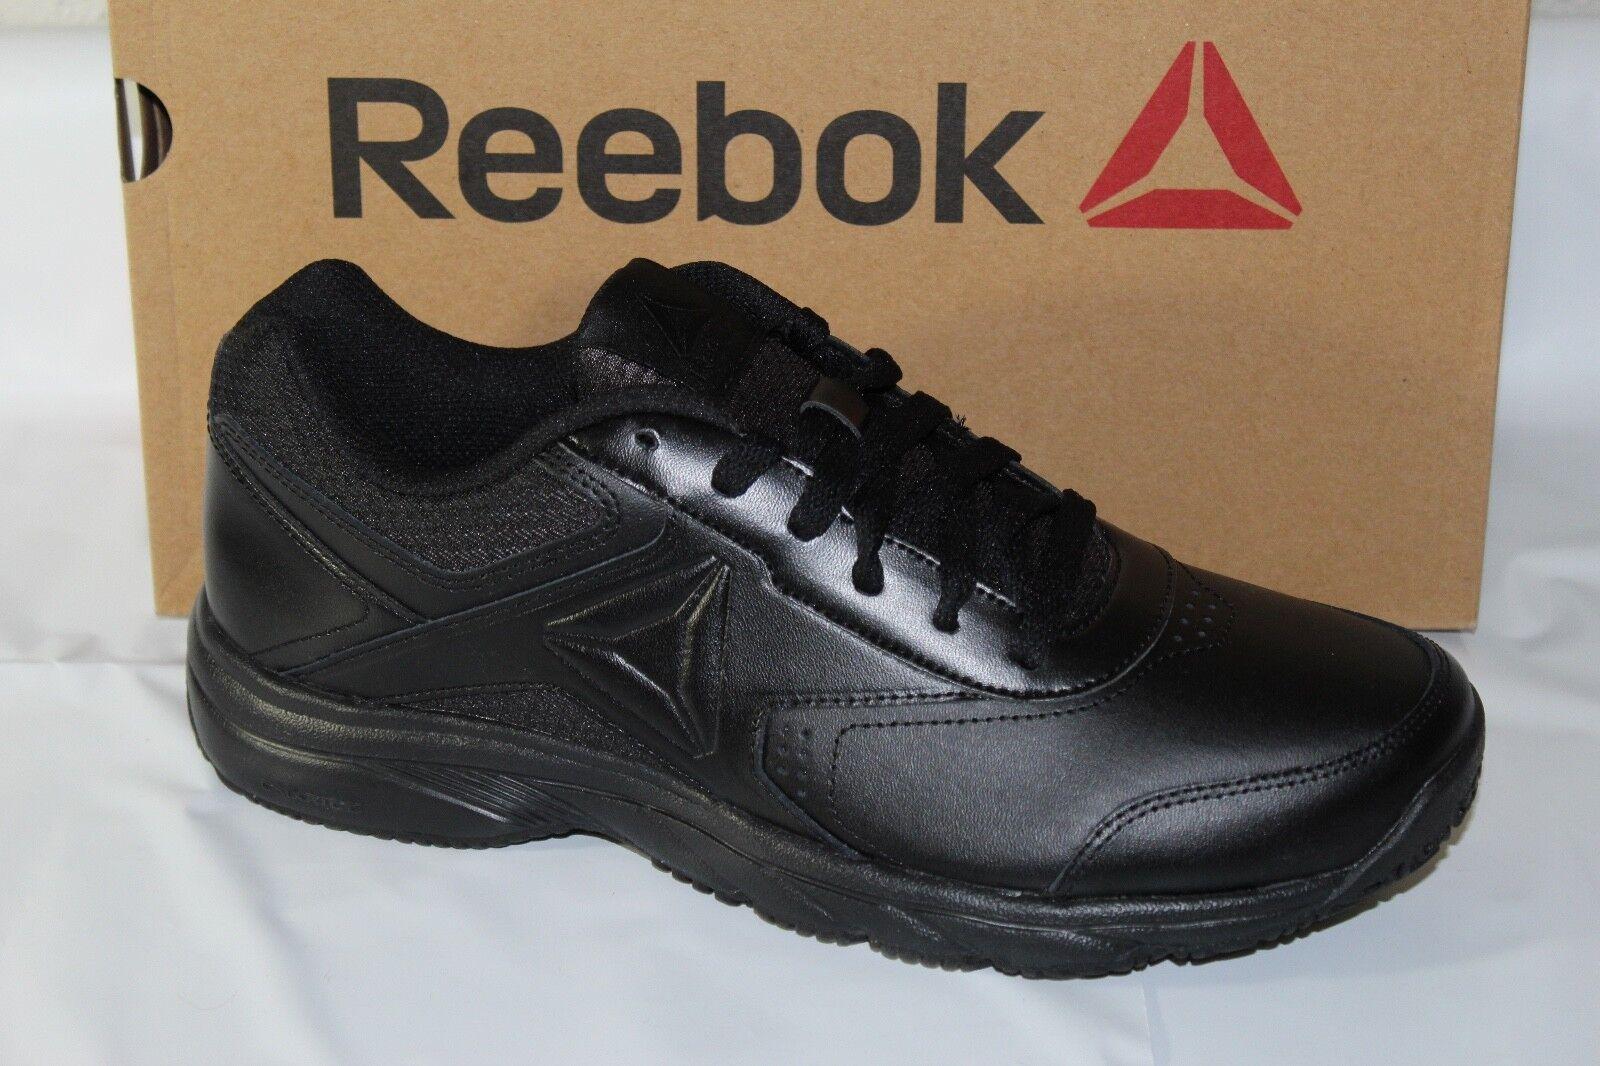 REEBOK WORK N CUSHION 3.0 MENS OIL SLIP RESISTANT WORK WALK SHOES, BLACK, BS9524